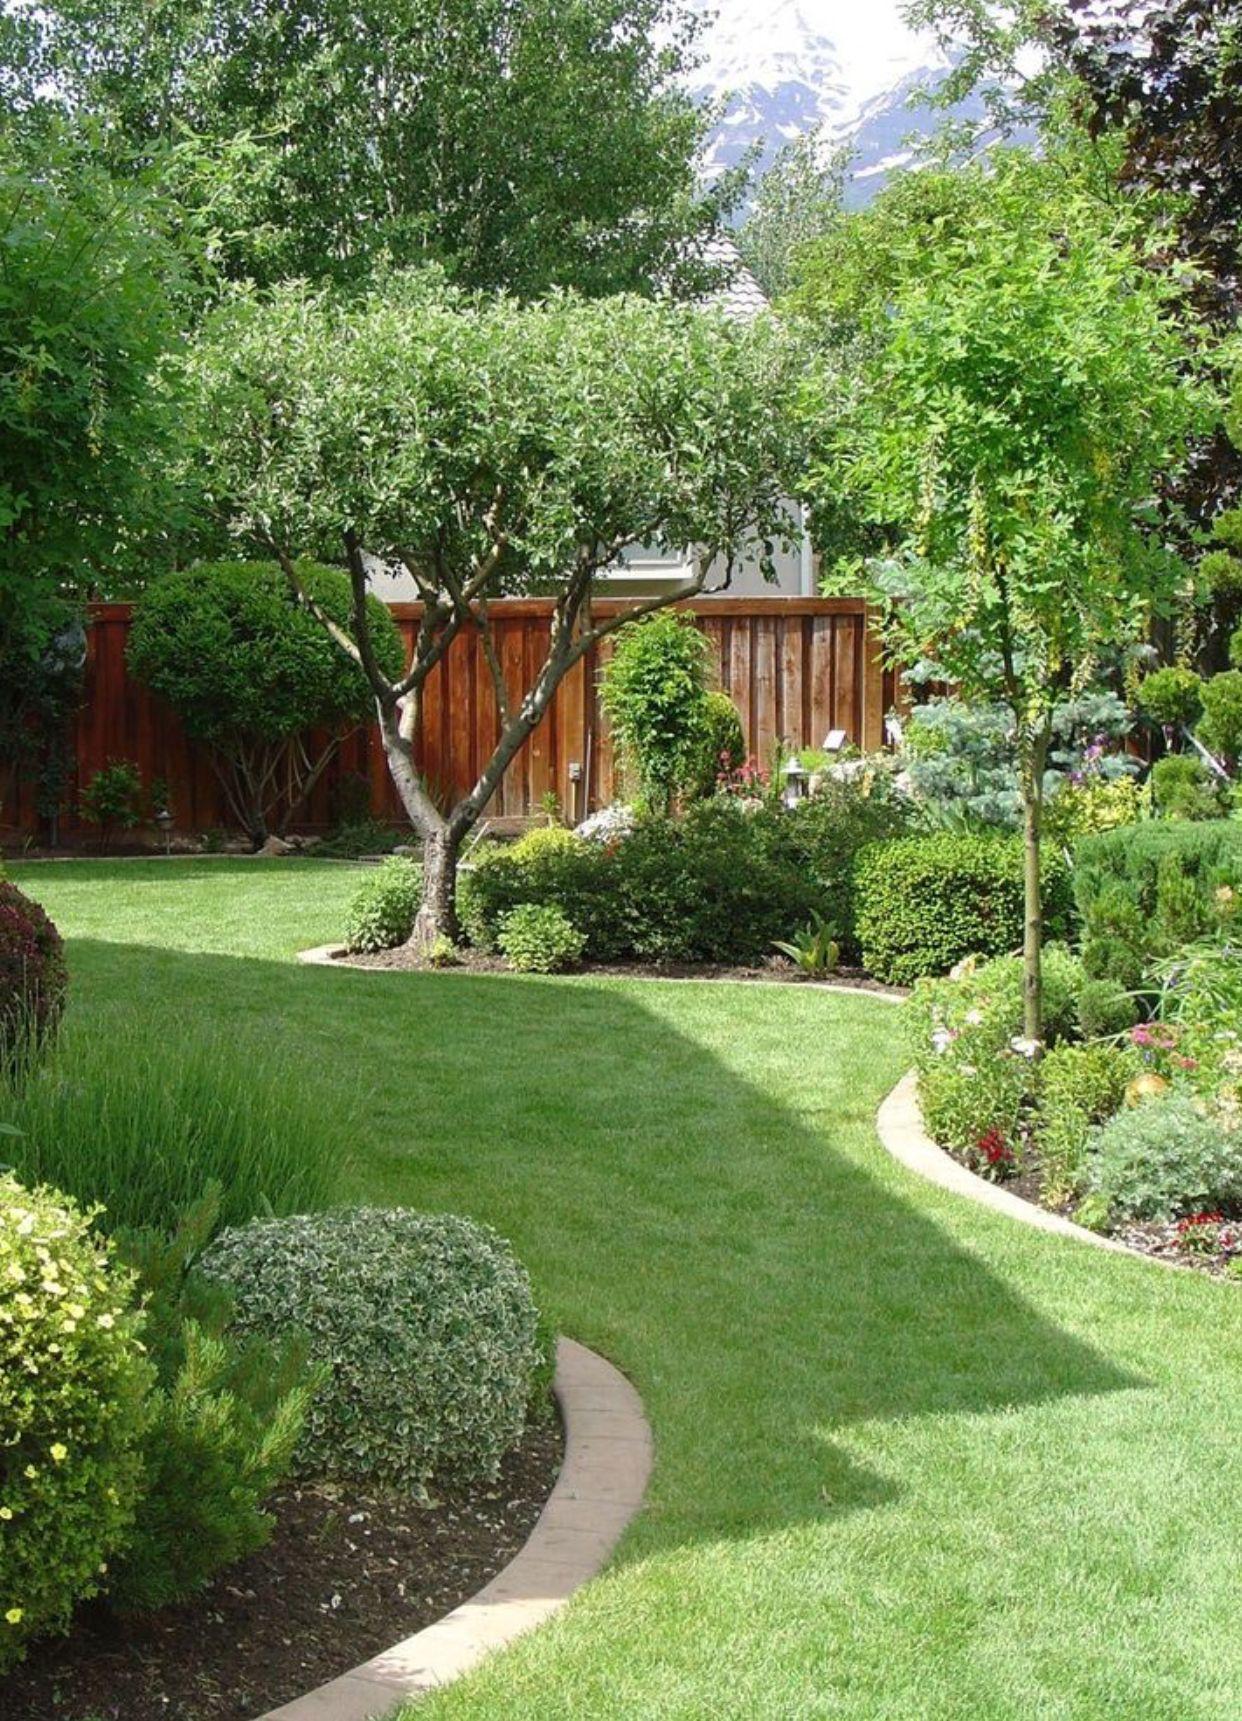 5 Impressive Garden Design Inc Dallas Ideas In 2020 Backyard Garden Design Backyard Landscaping Designs Small Garden Design